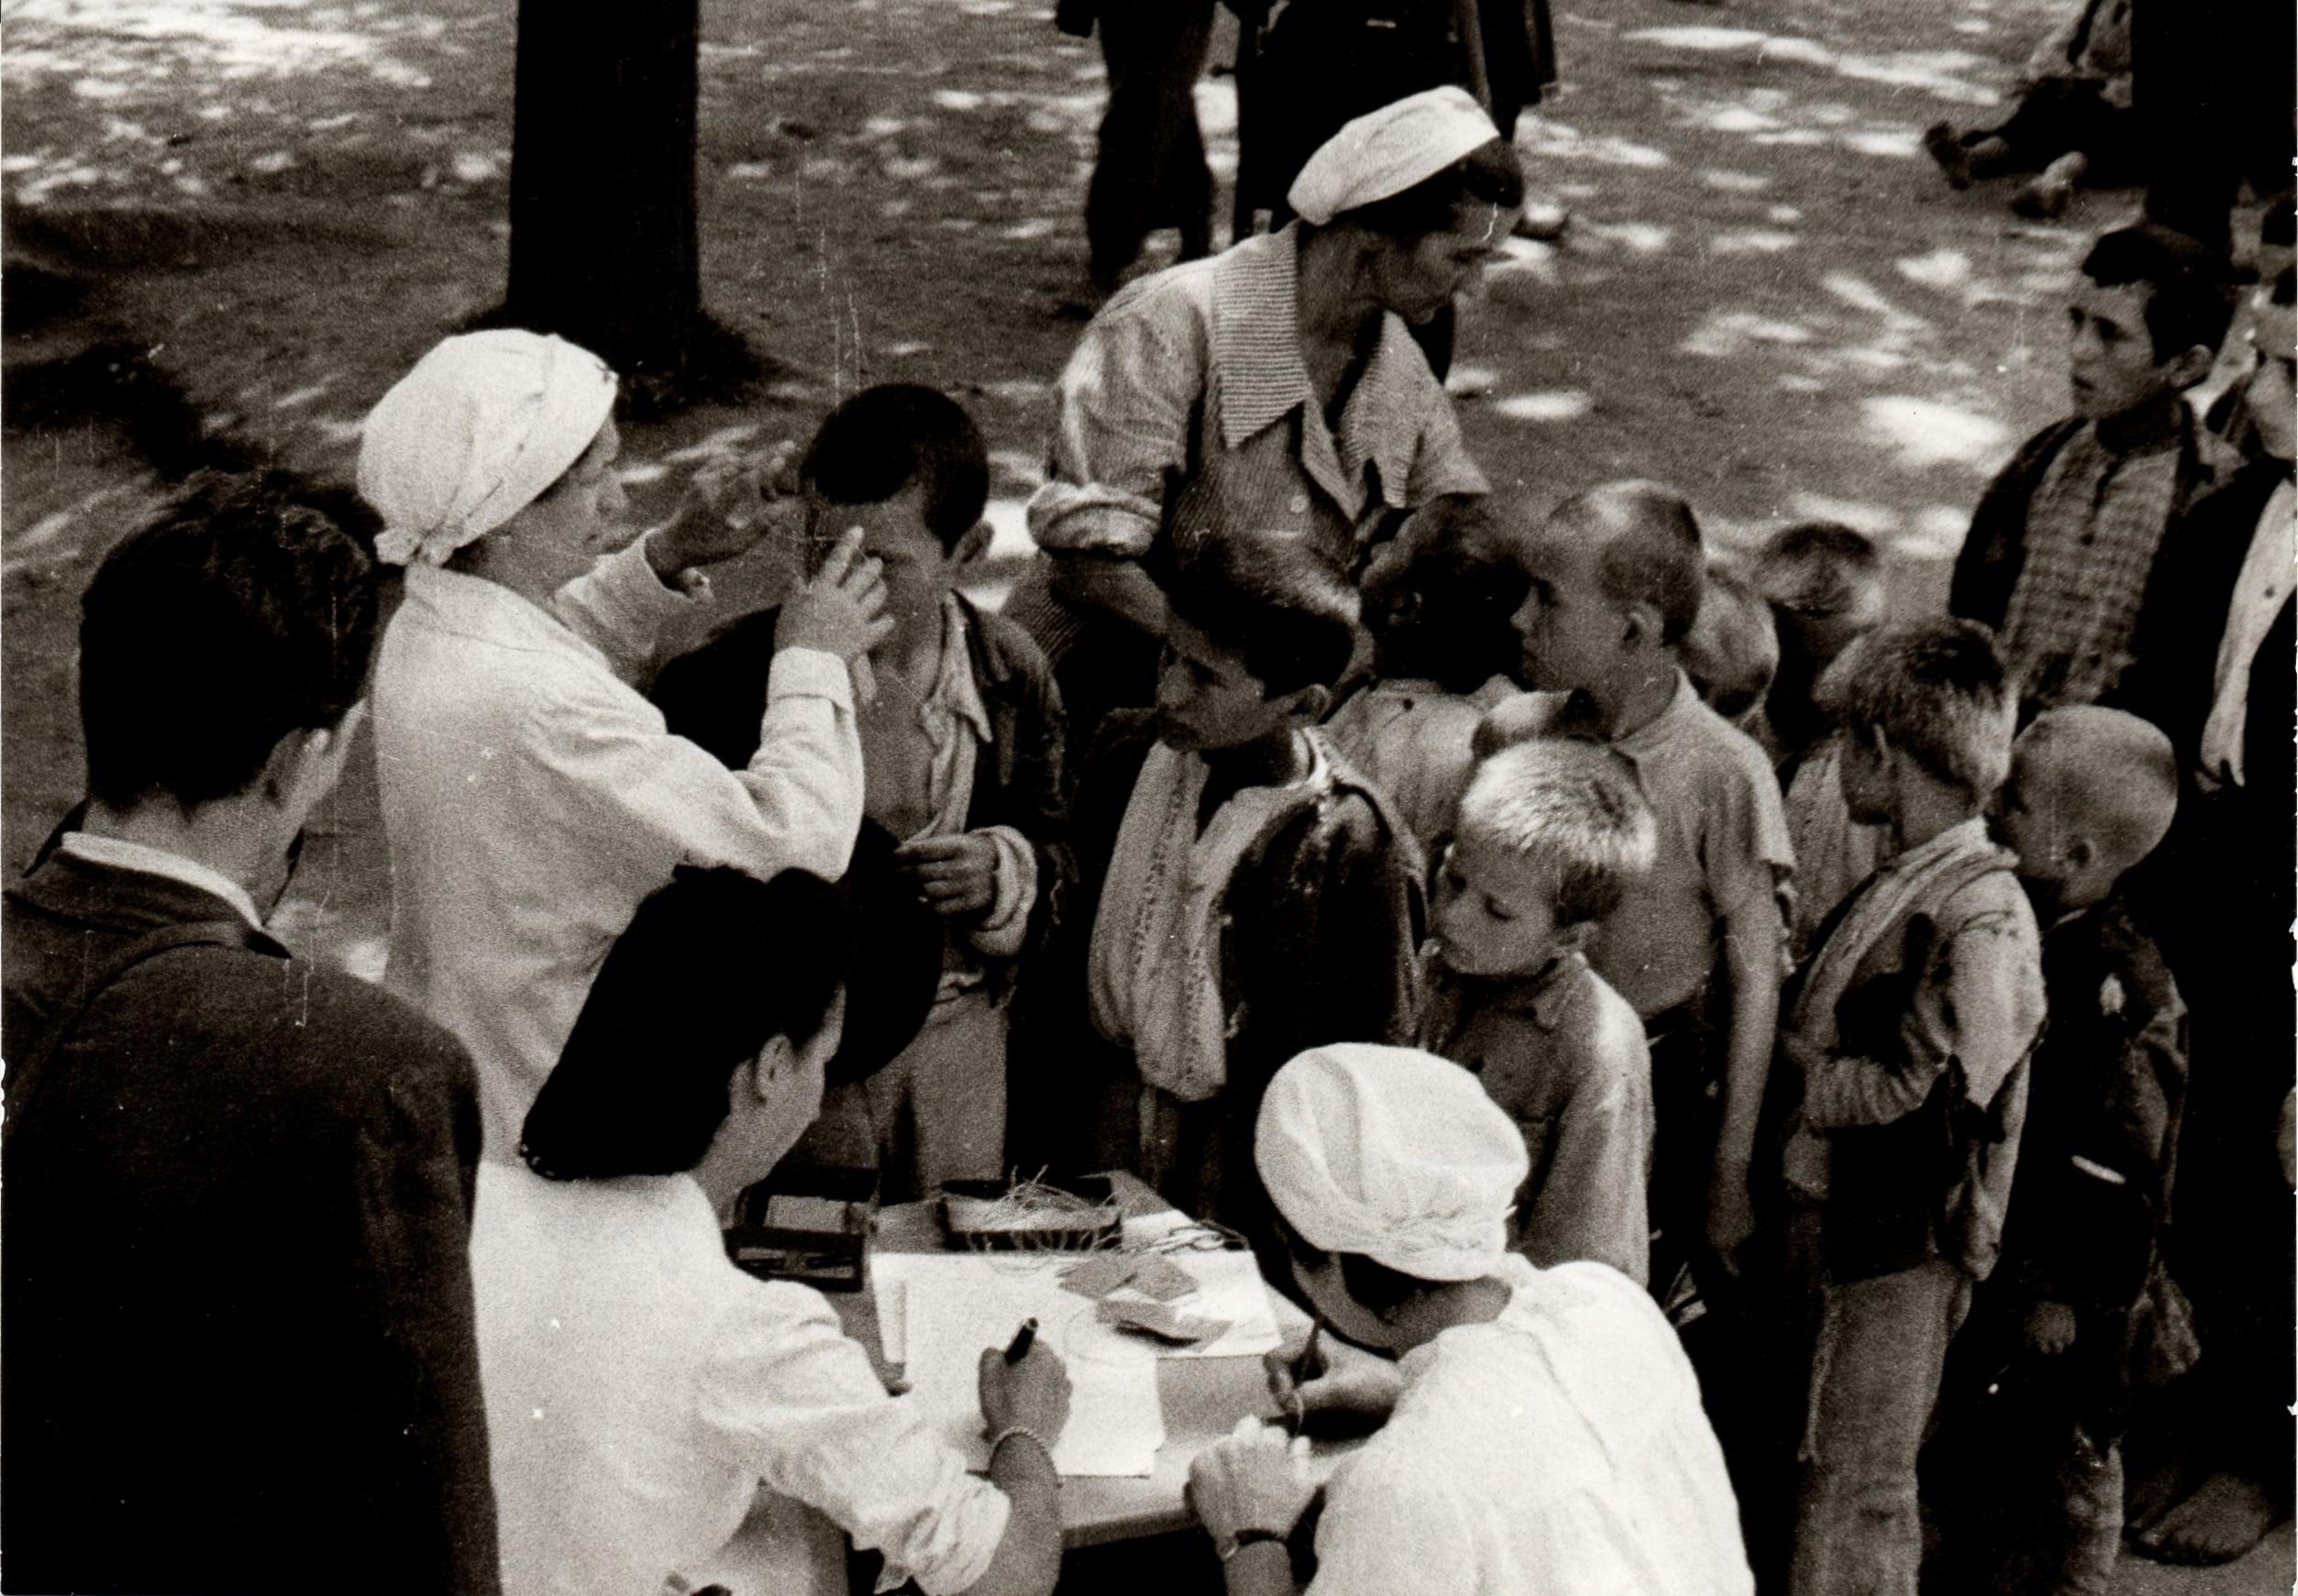 Evidencija djece zatočene u logoru Stara Gradiška 1942. godine, Ustupljena fotografija: Spomen Područje Jasenovac